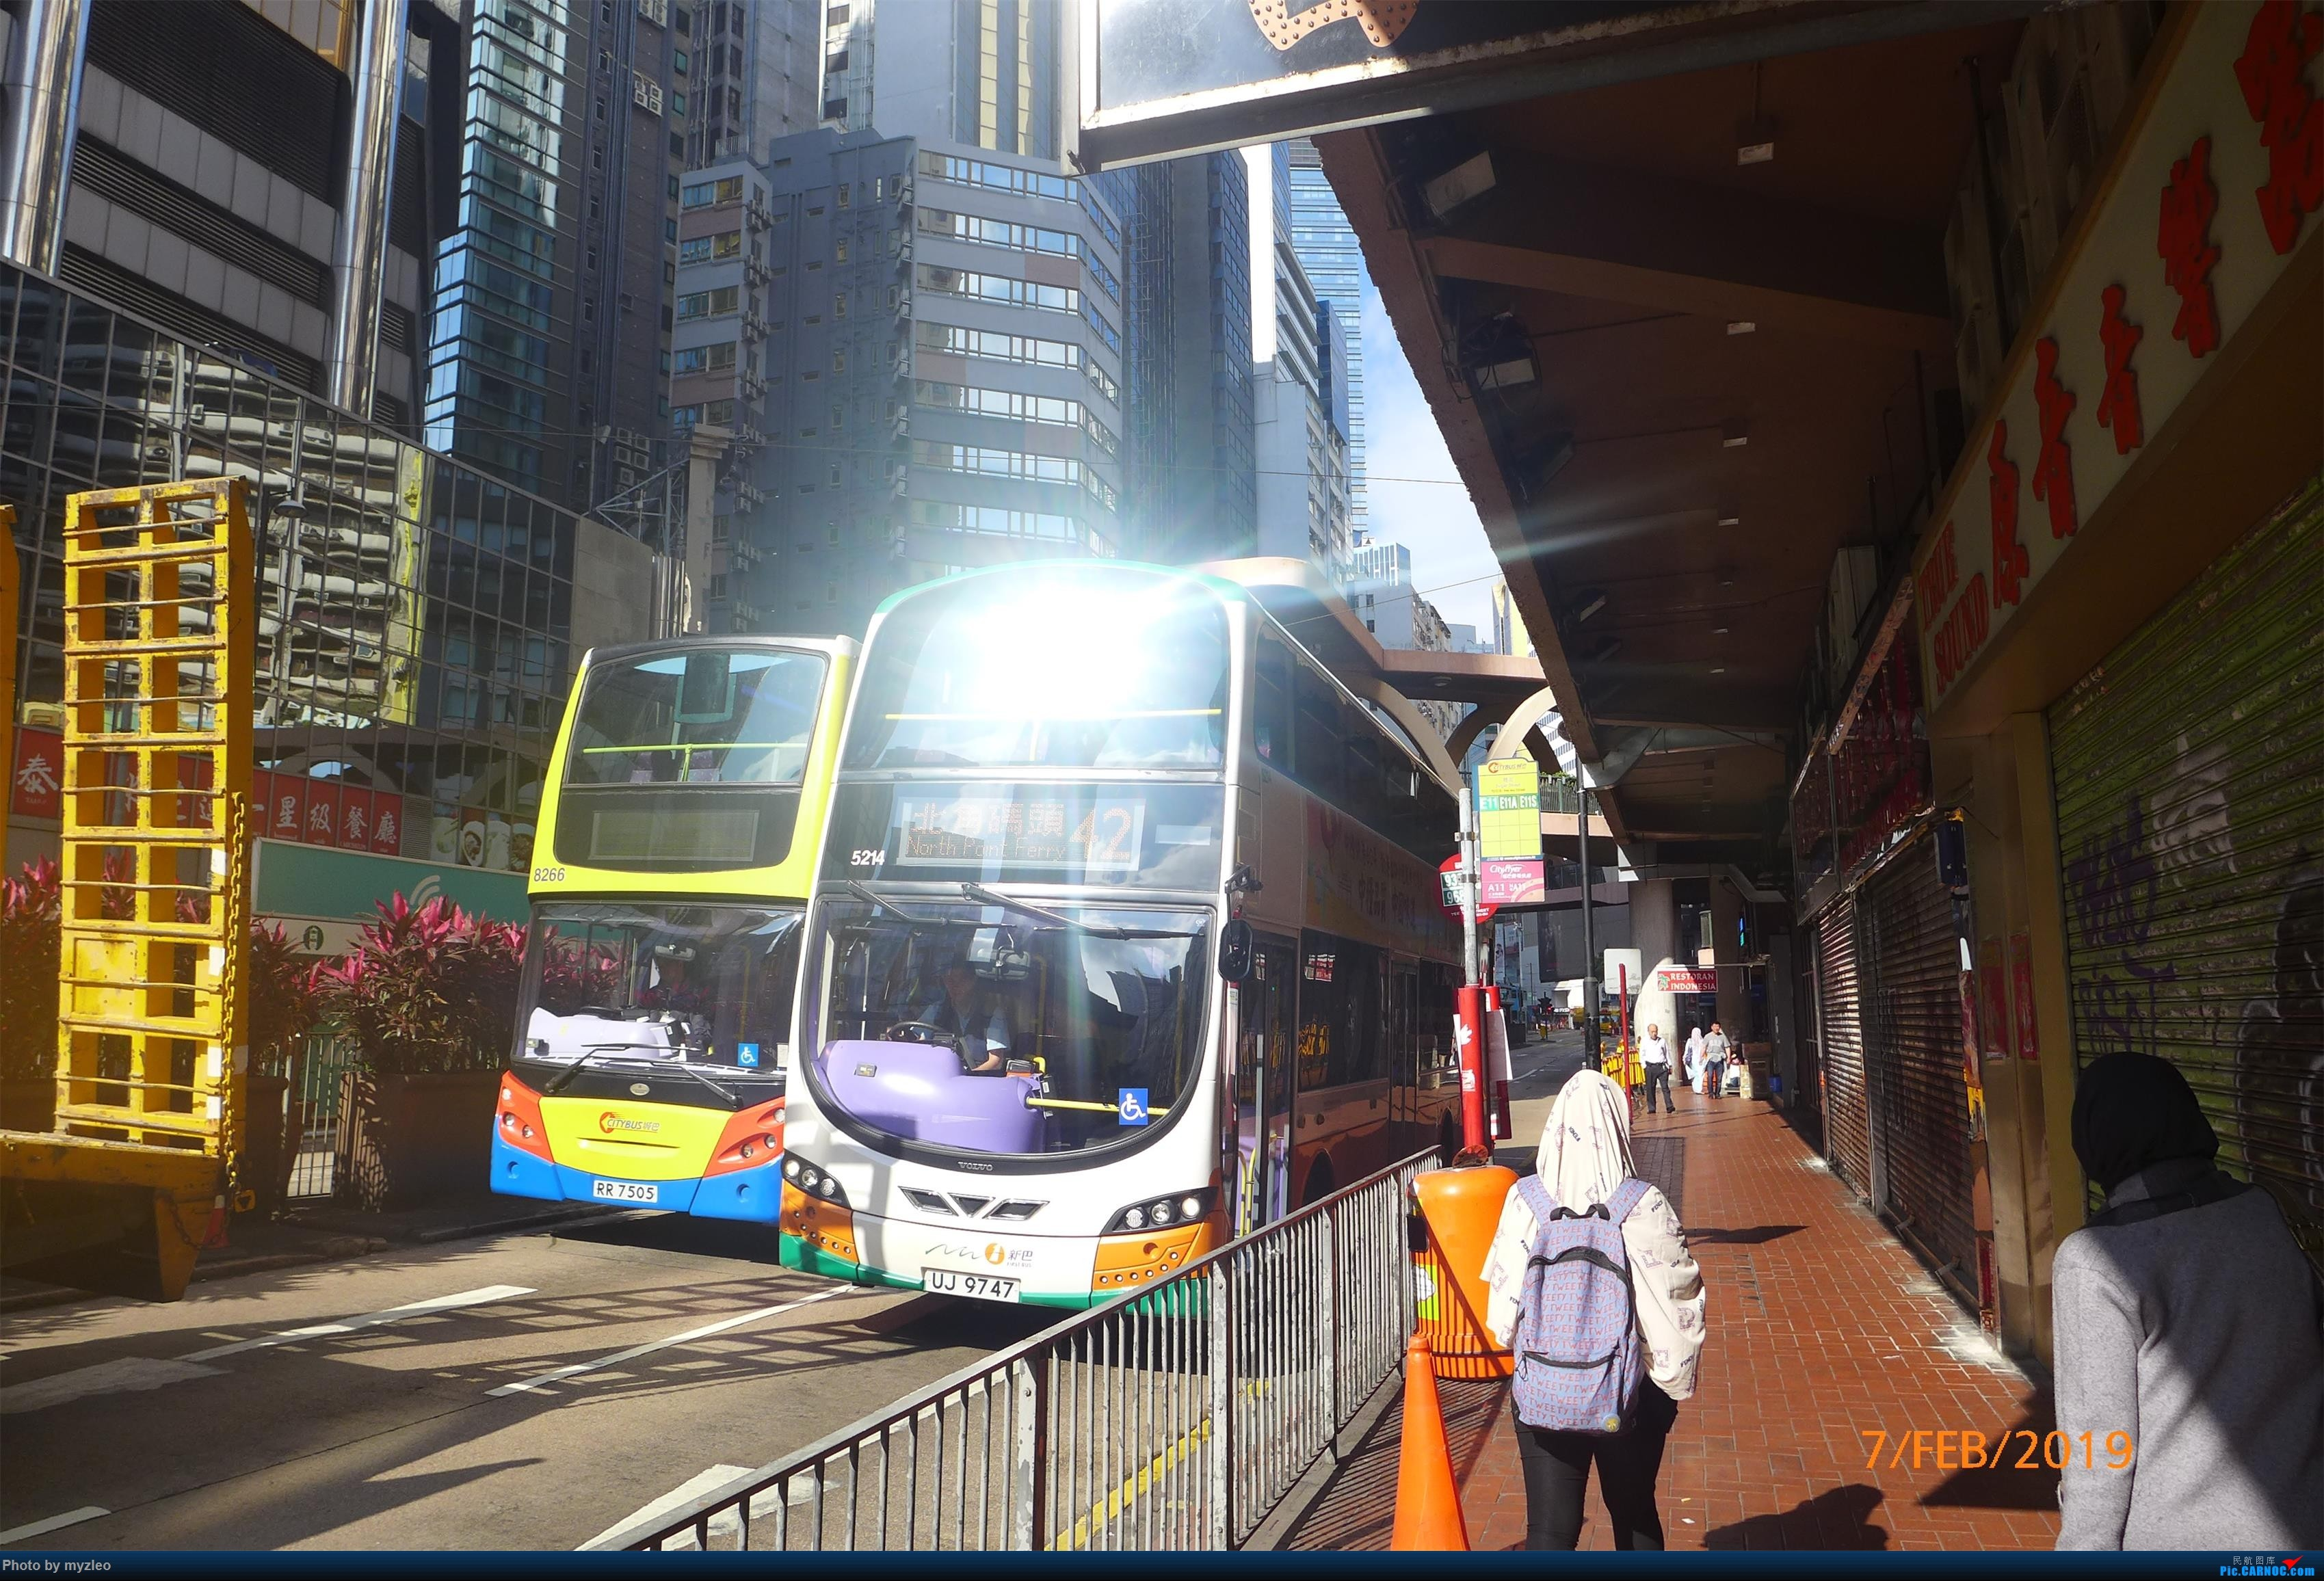 [原创]【myzleo的游记4.4】十年之约(4)香港的公交运转,去太平山凑热闹